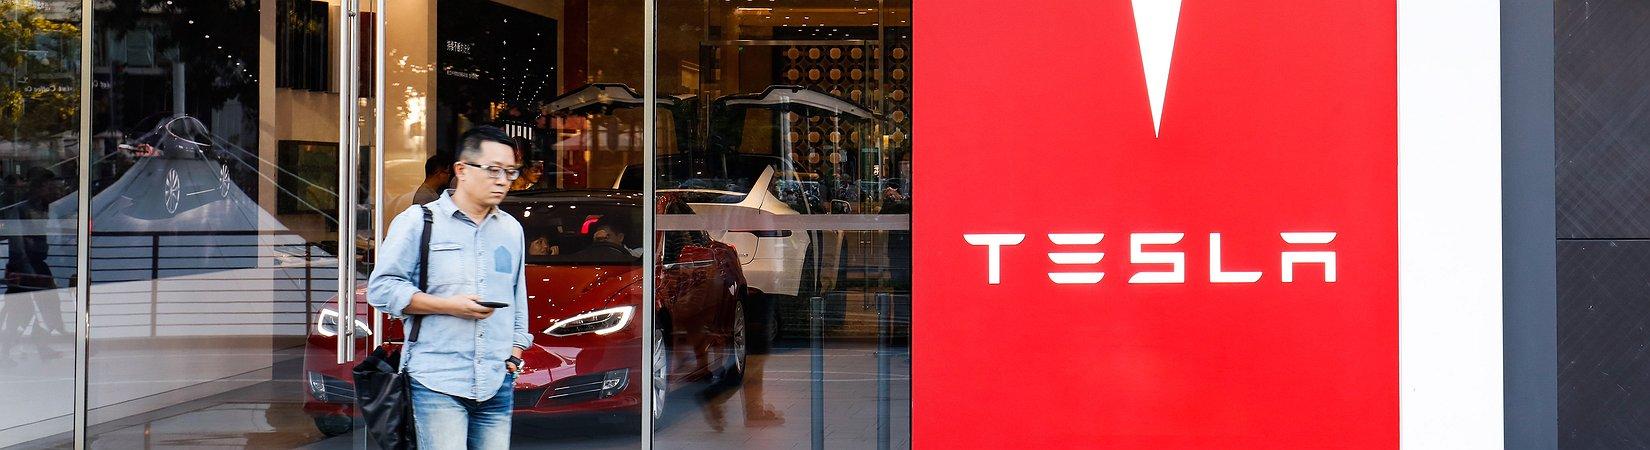 Tesla acuerda construir una planta en China